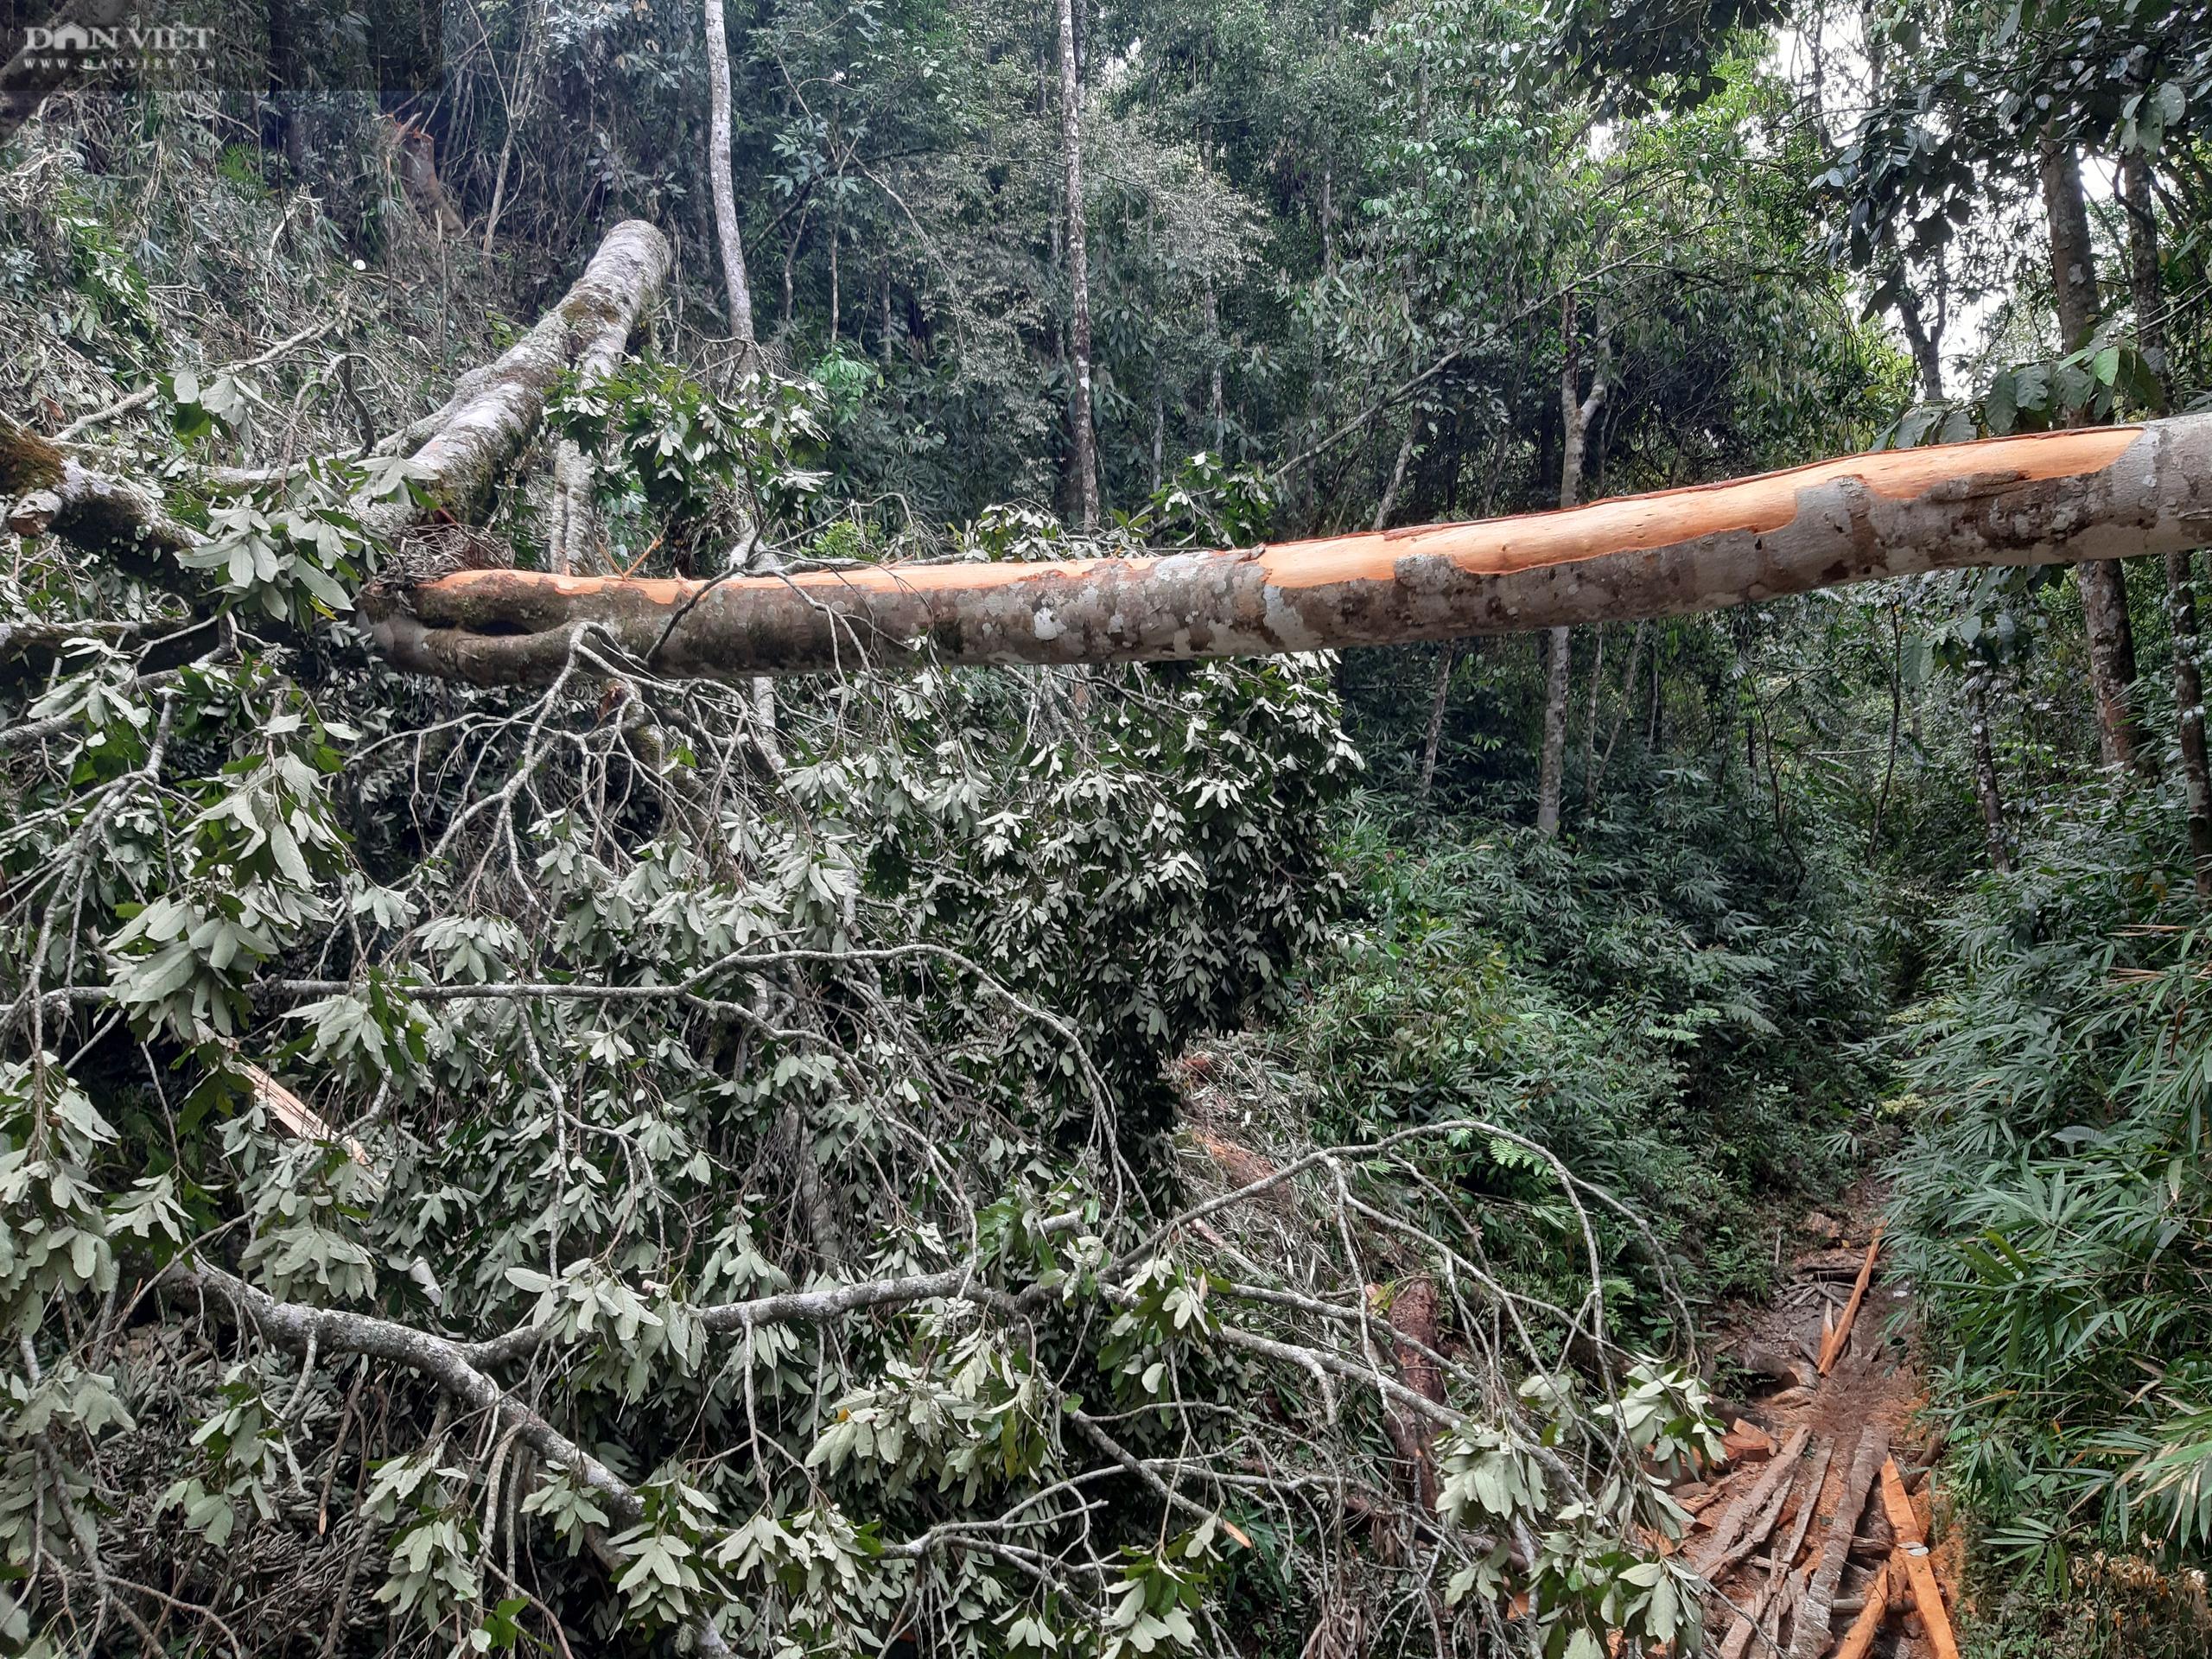 Vụ phá rừng pơ mu VQG Hoàng Liên: Có thể xử lý hình sự tùy theo mức độ vi phạm - Ảnh 4.